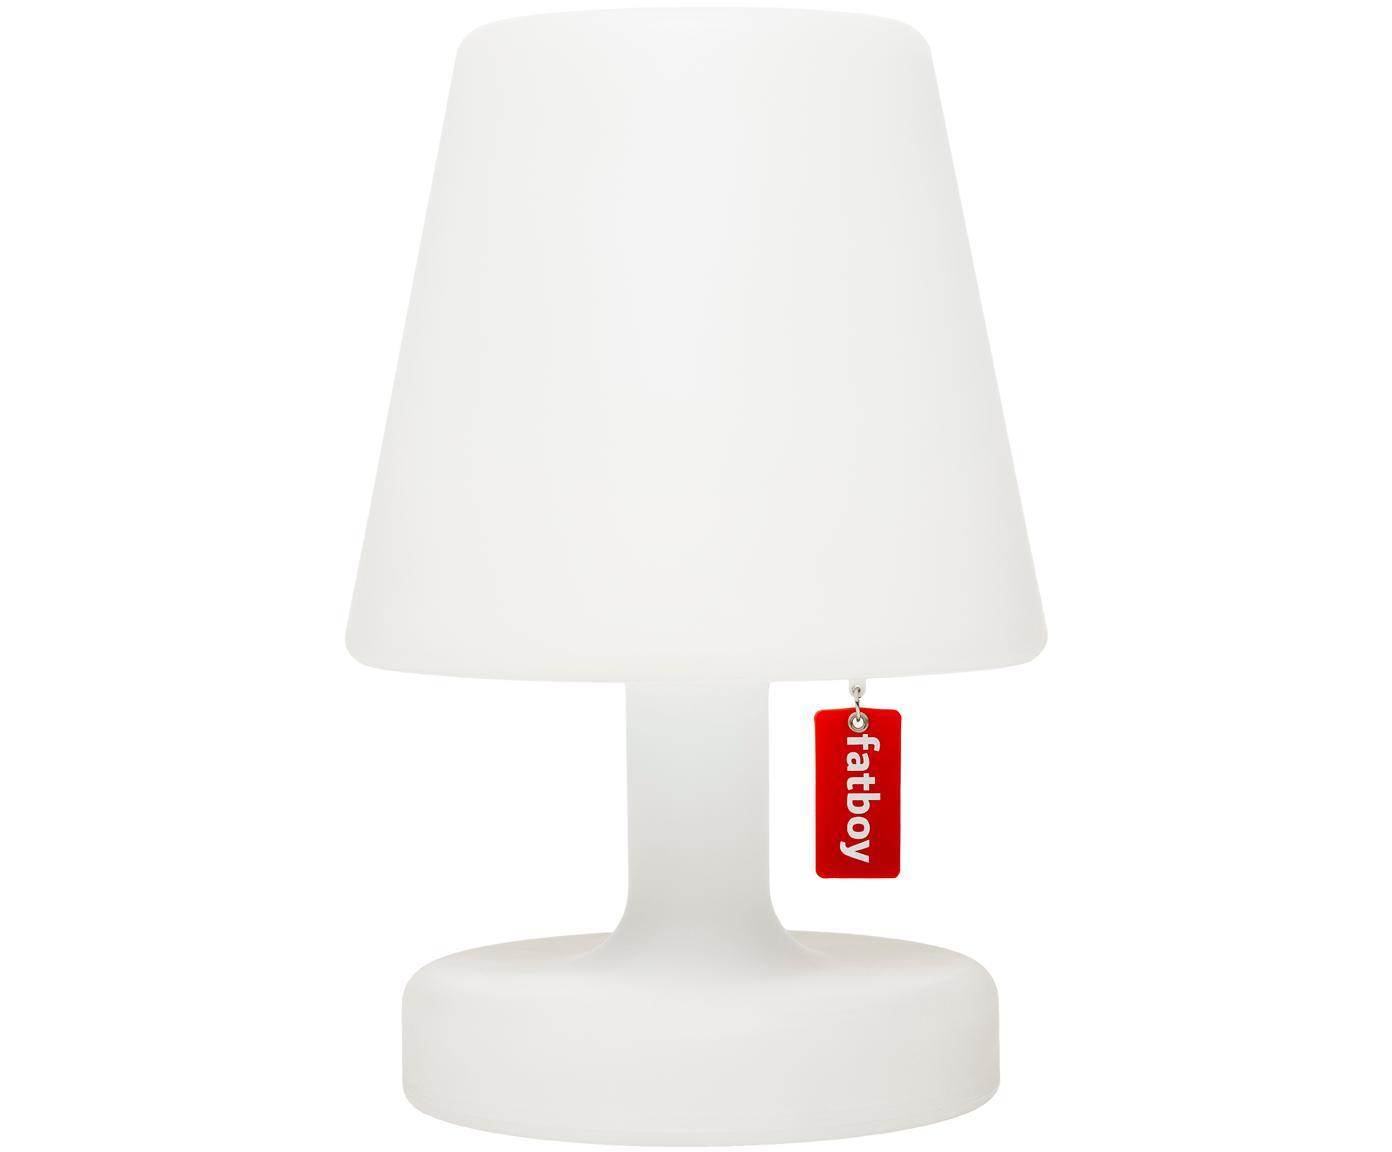 Mobile LED Außentischleuchte Edison the Petit, Kunststoff, Weiß, Ø 16 x H 25 cm